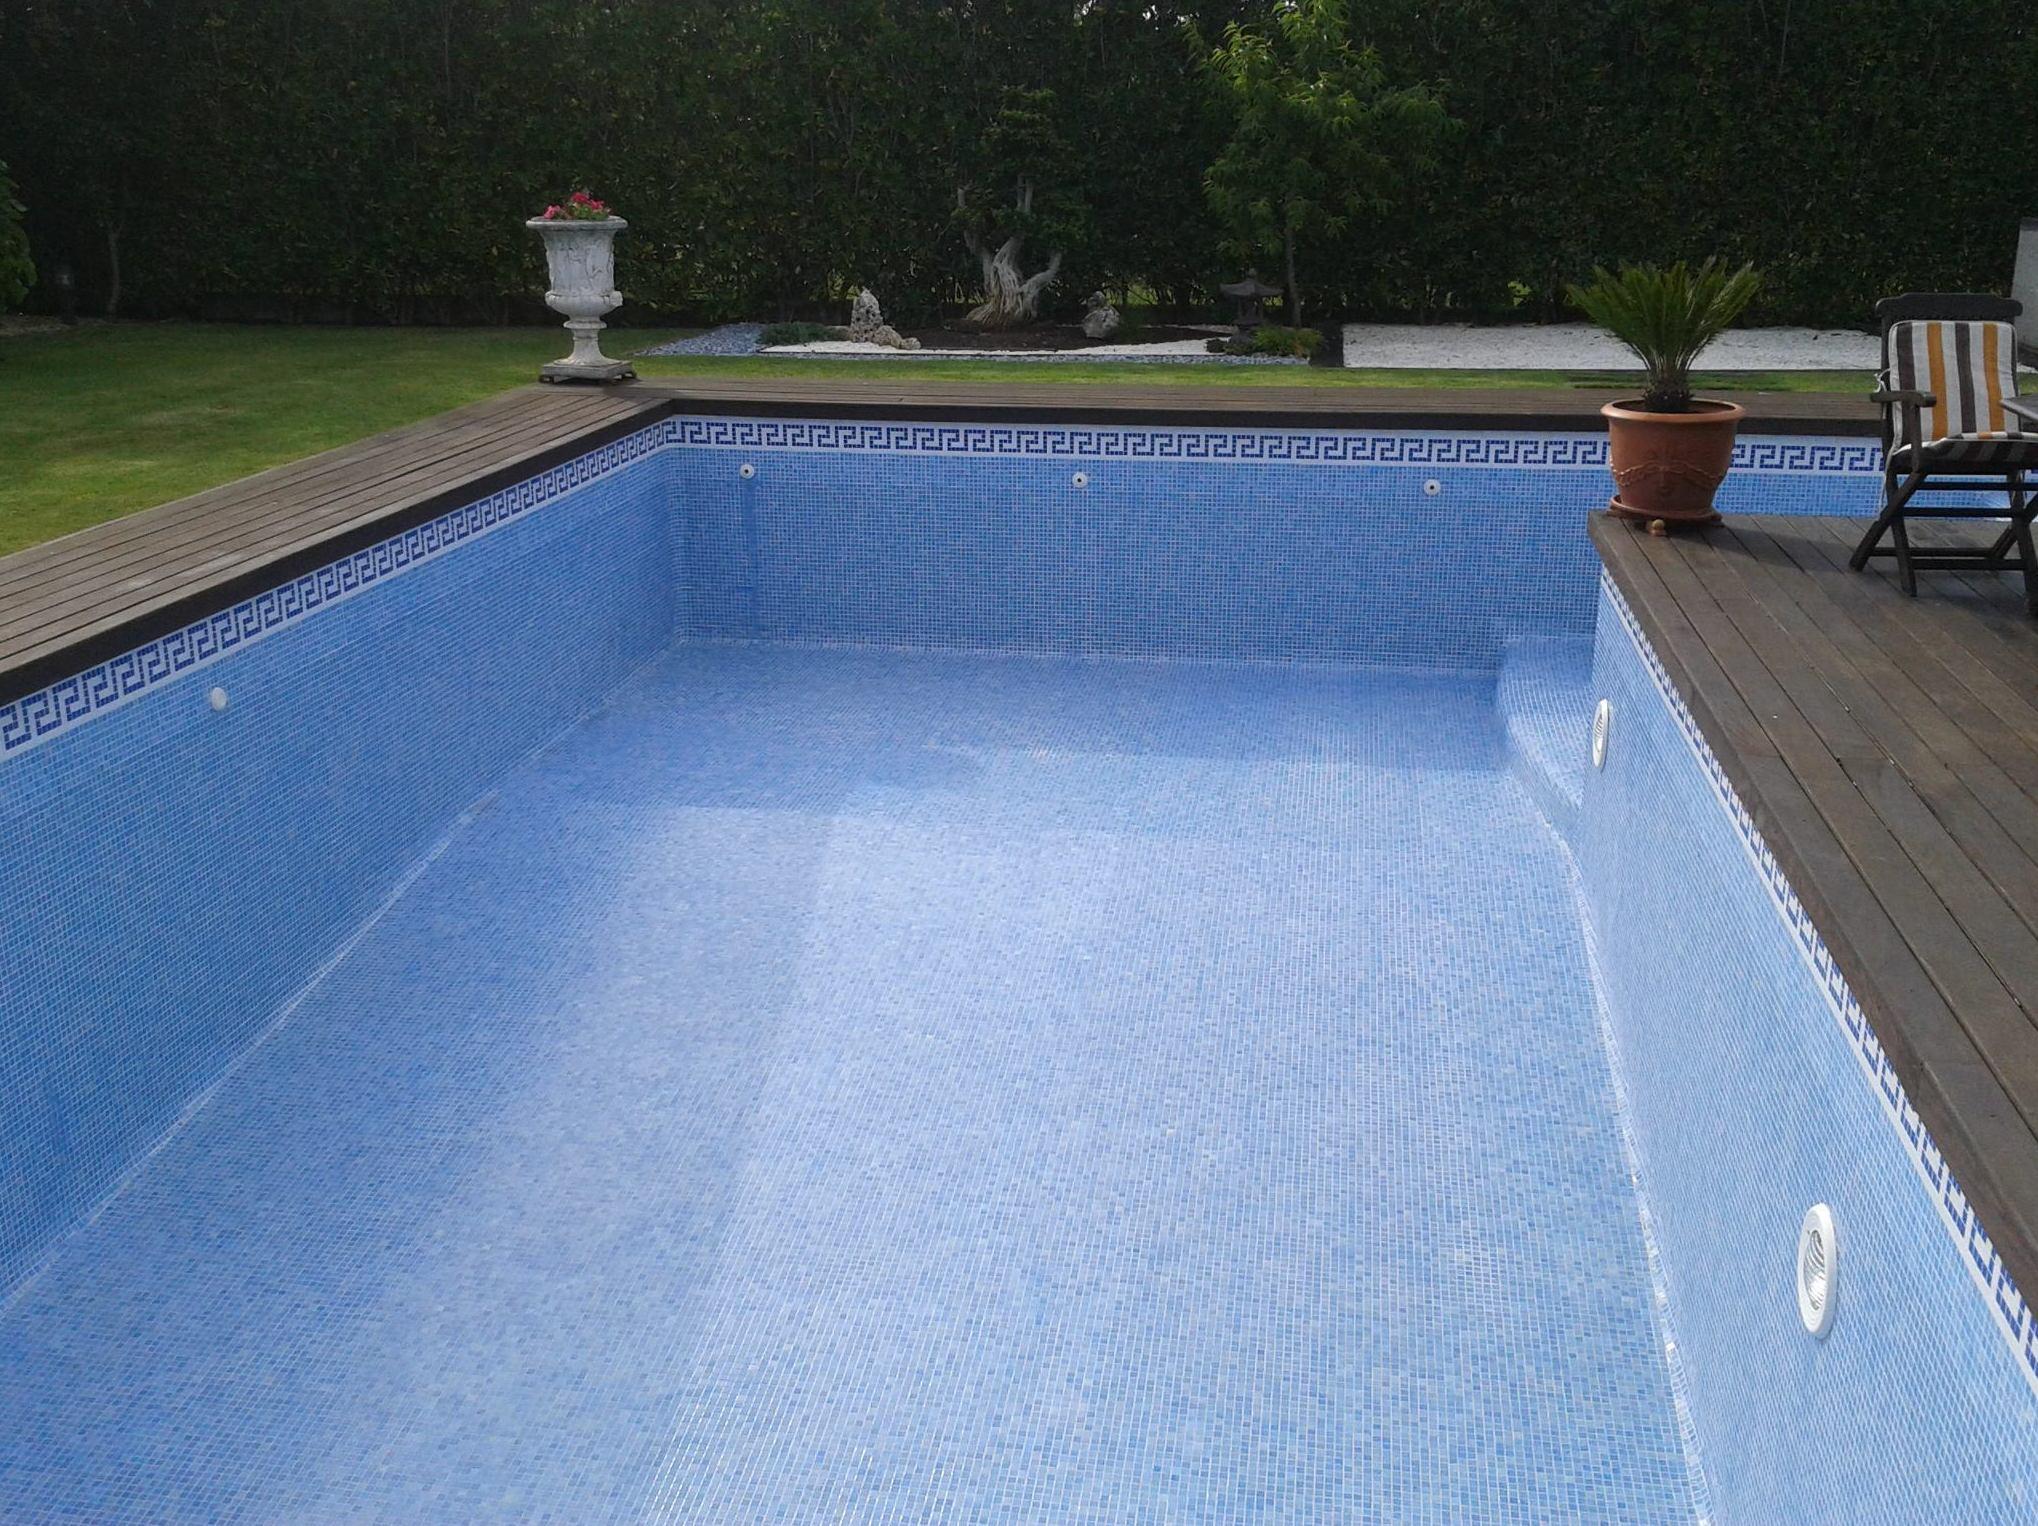 Trabajo de limpieza de piscina